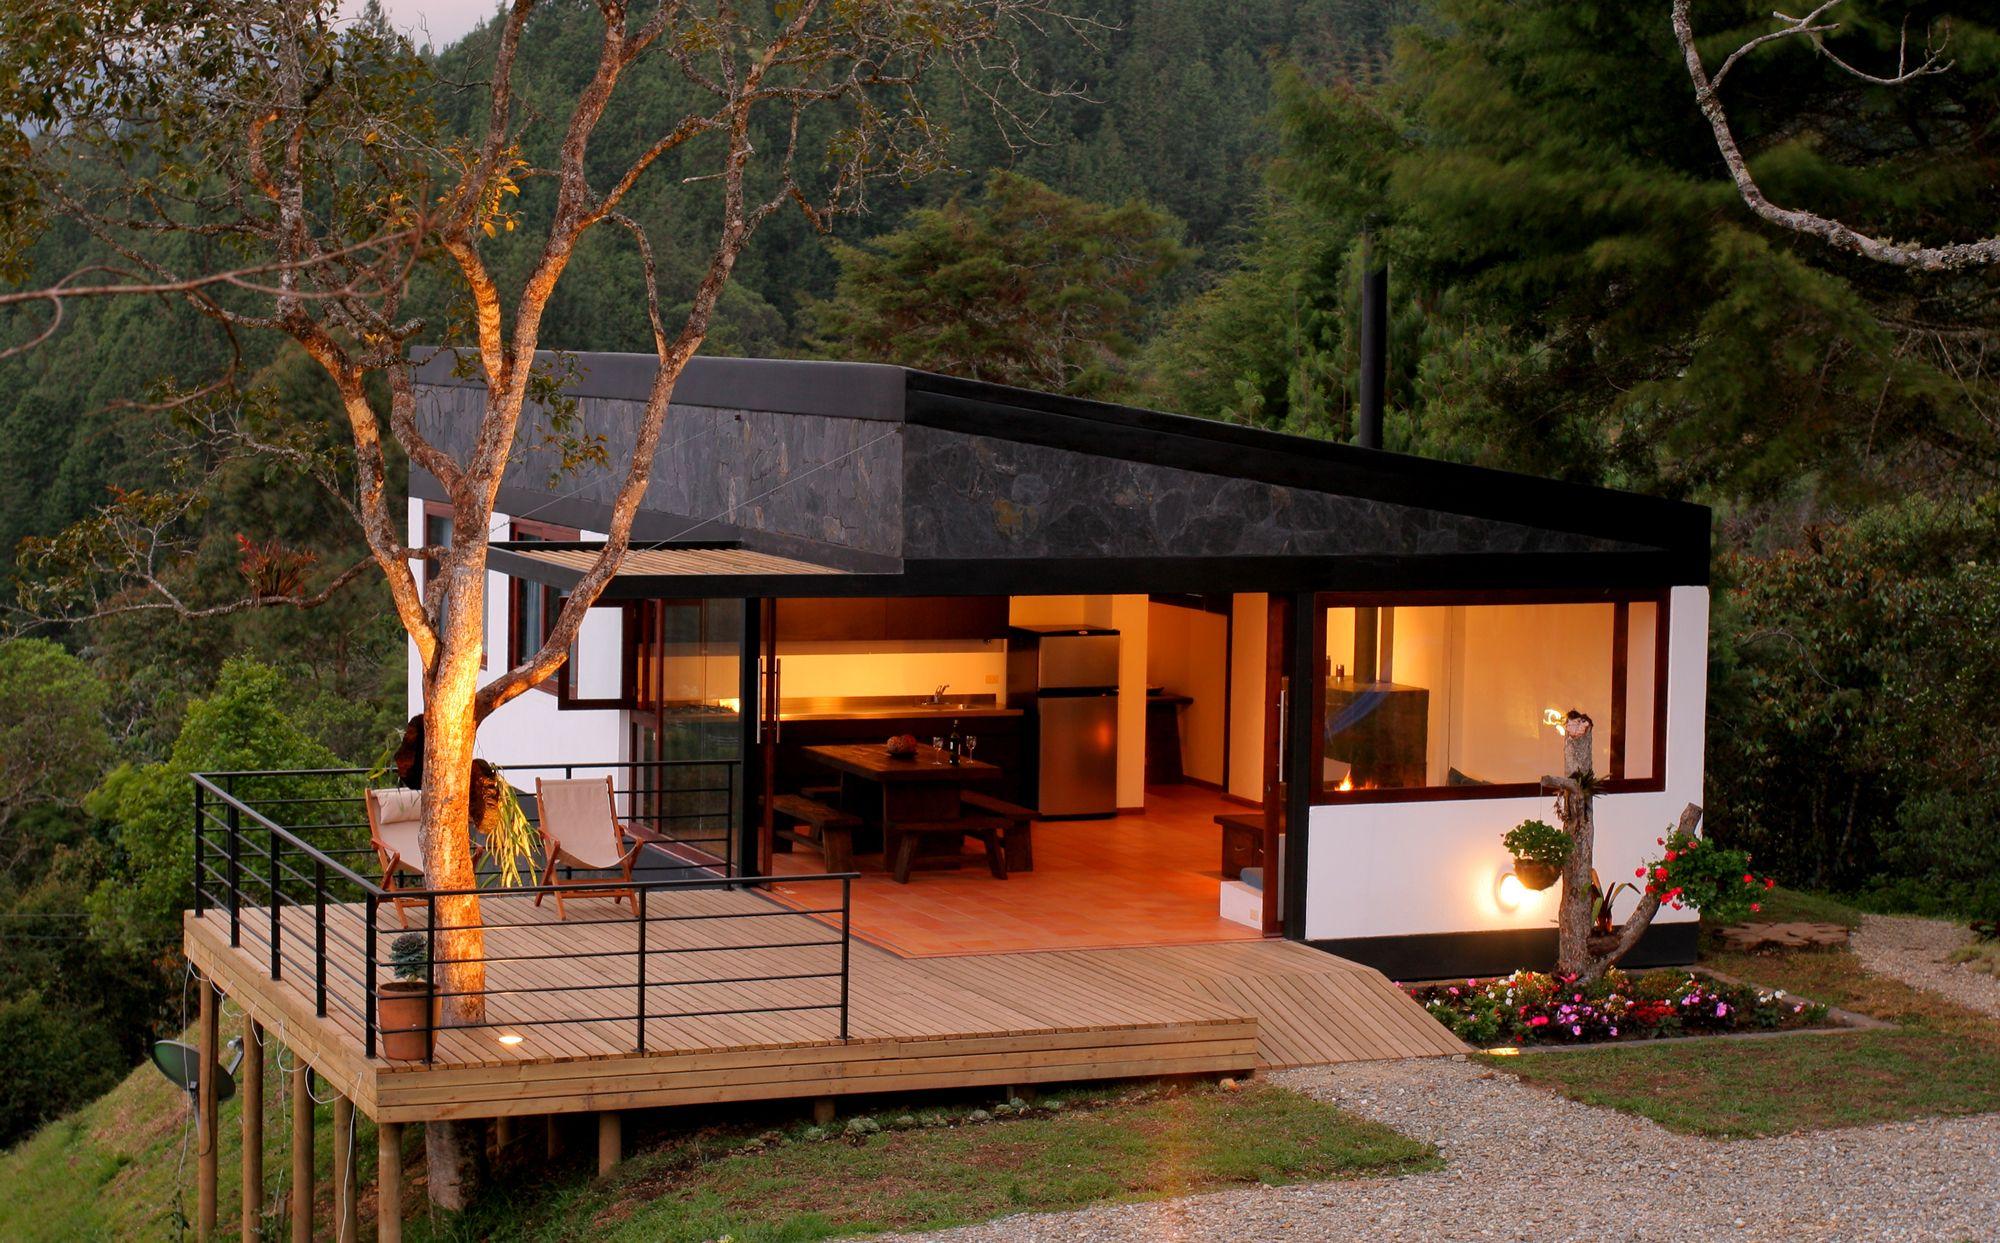 4 refugio en el bosque 7 casas techo un plano - Pergolas el bosque ...